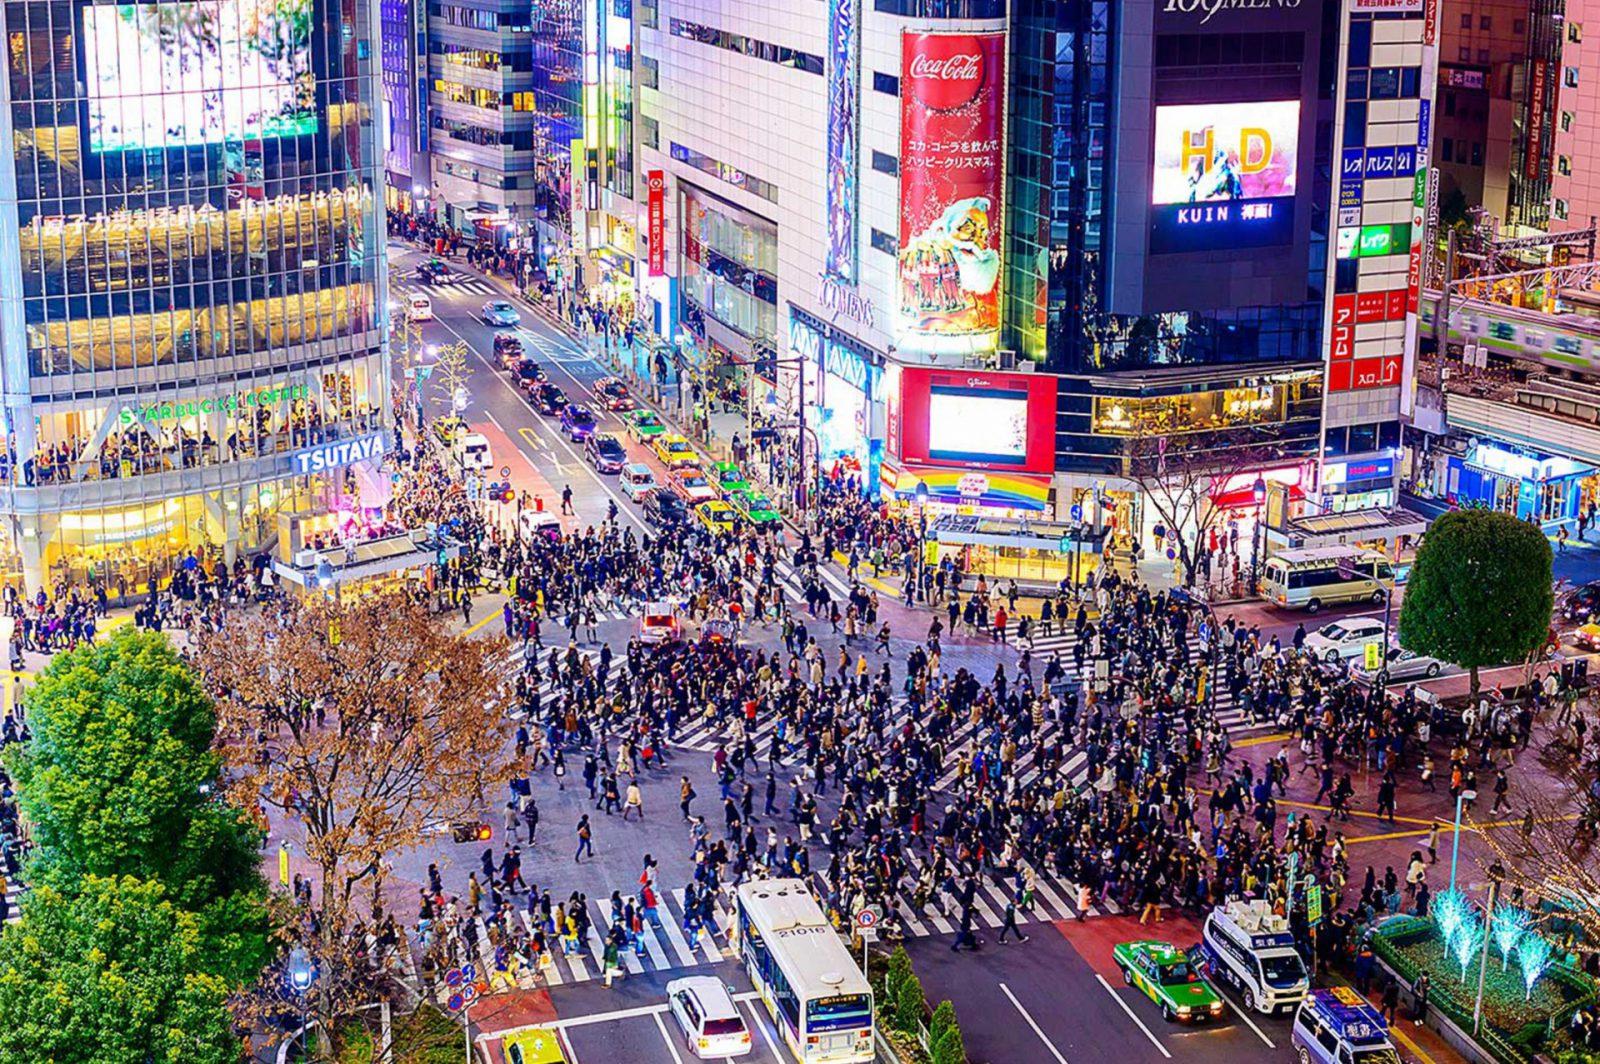 2020東京】澀谷12家百貨逛街必買購物推薦|住宿,十字路口拍照點,附近 ...